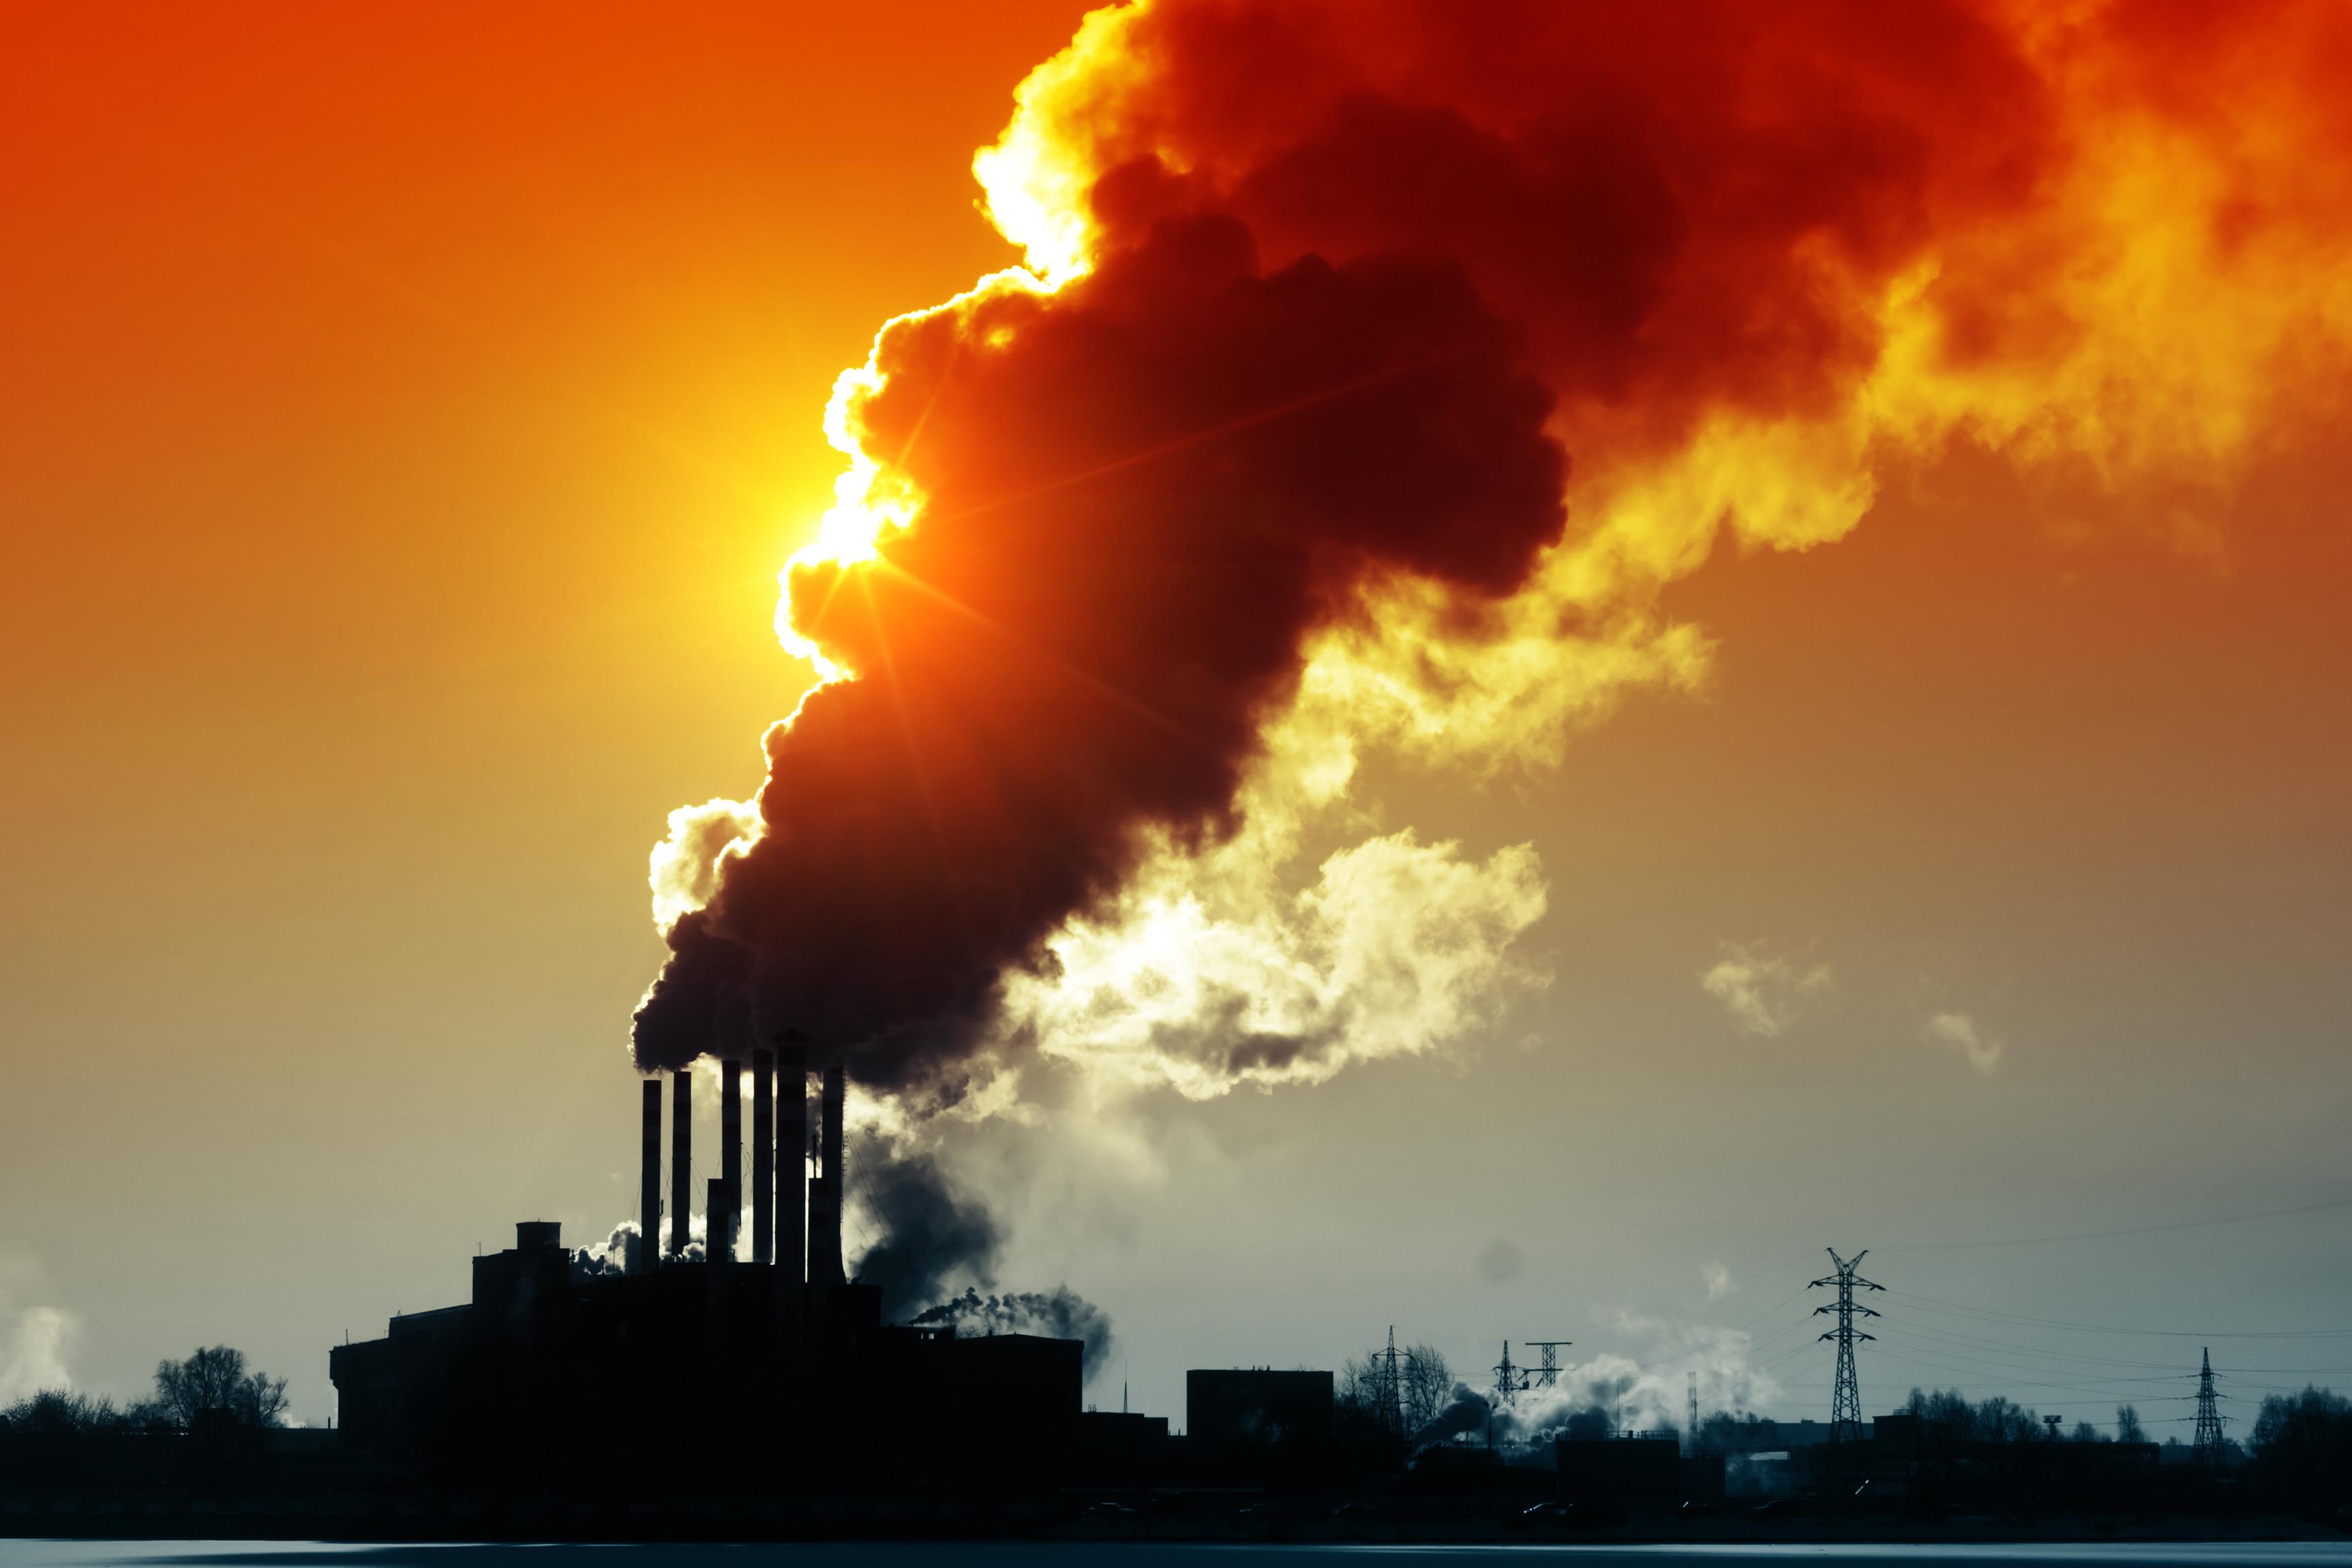 تعهد سوئد به توقف کامل انتشار گازهای گلخانهای تا 2045